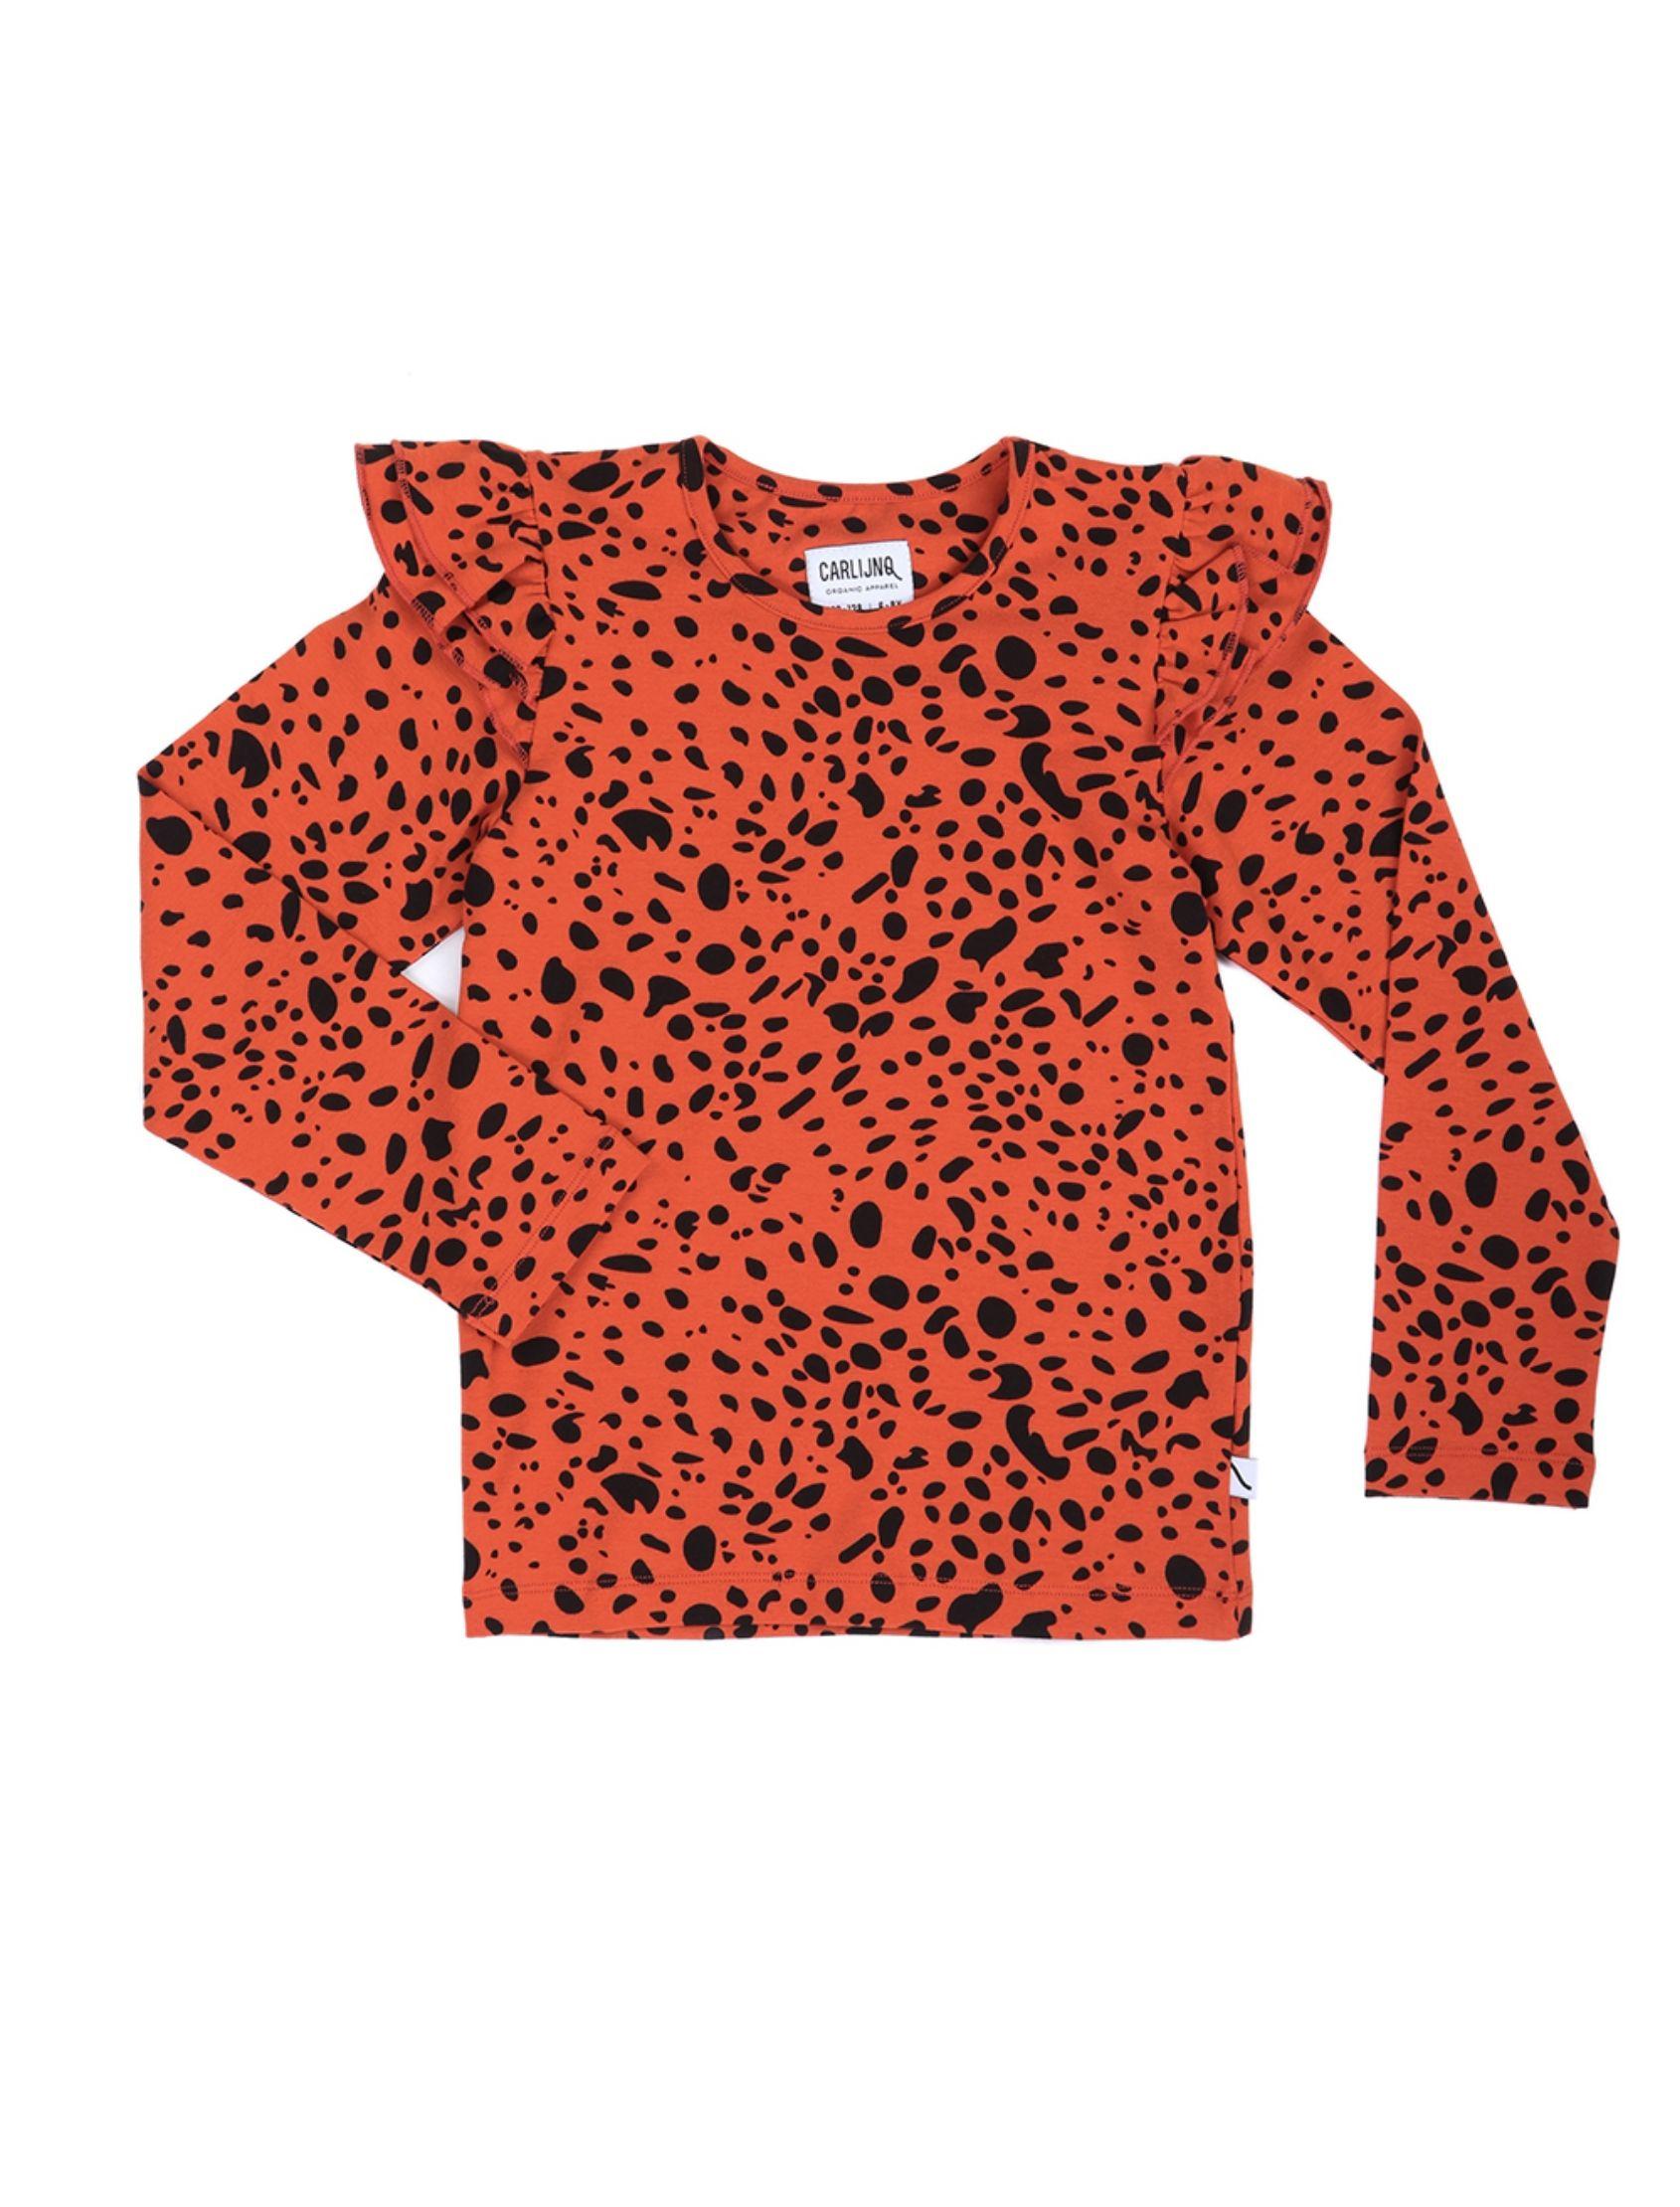 camiseta de niña con estampado animal print en tonos rojo y negro, detalle de volantito en los hombros. De carlijnq